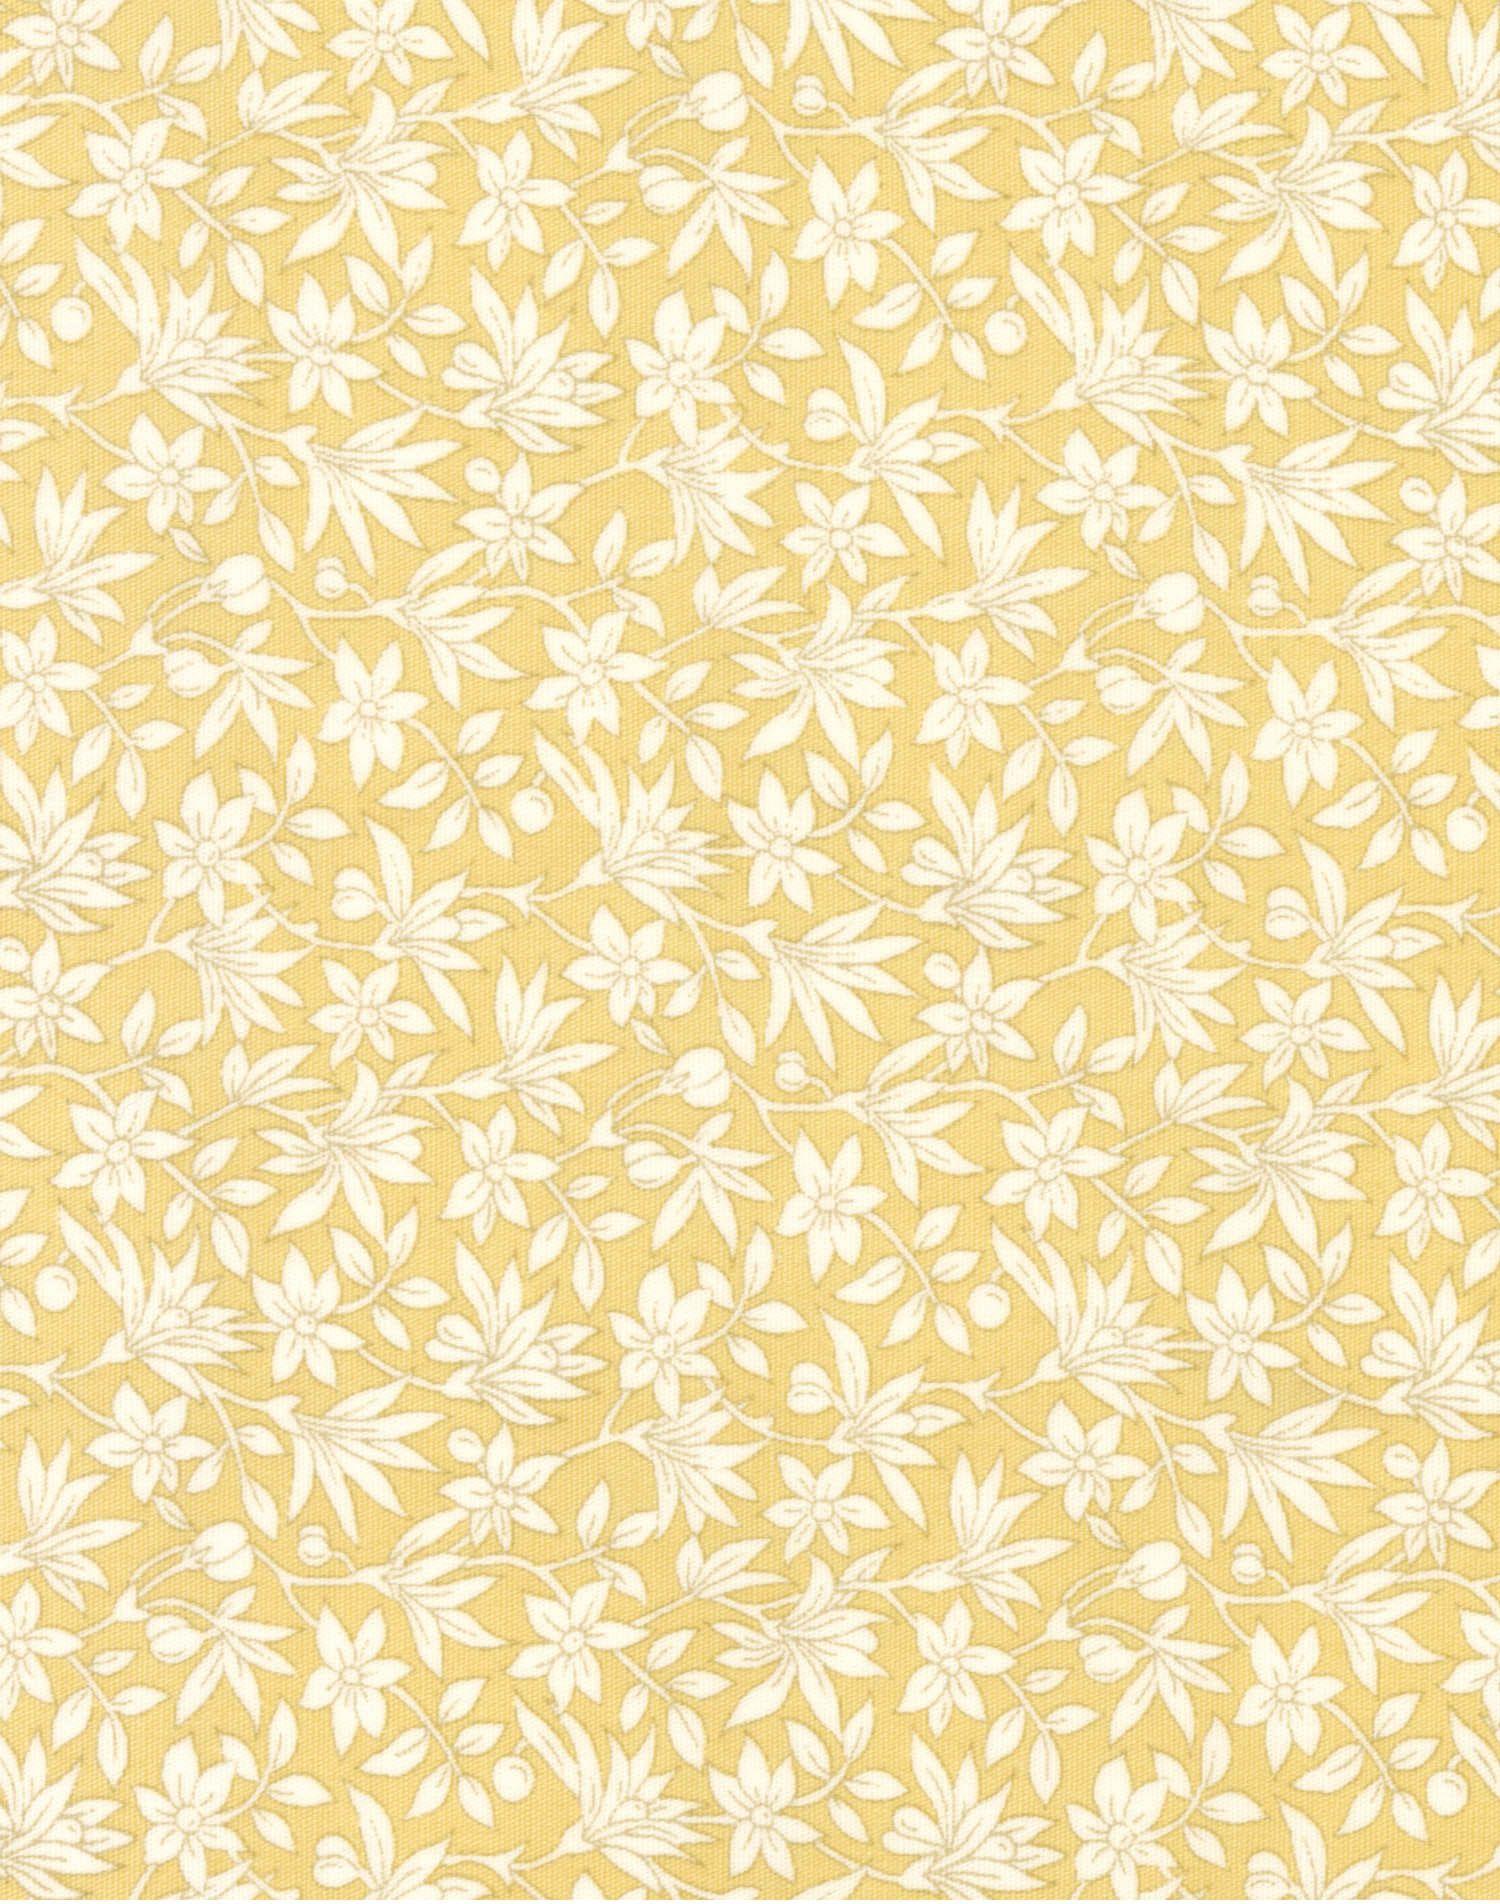 yellow pattern background - photo #49